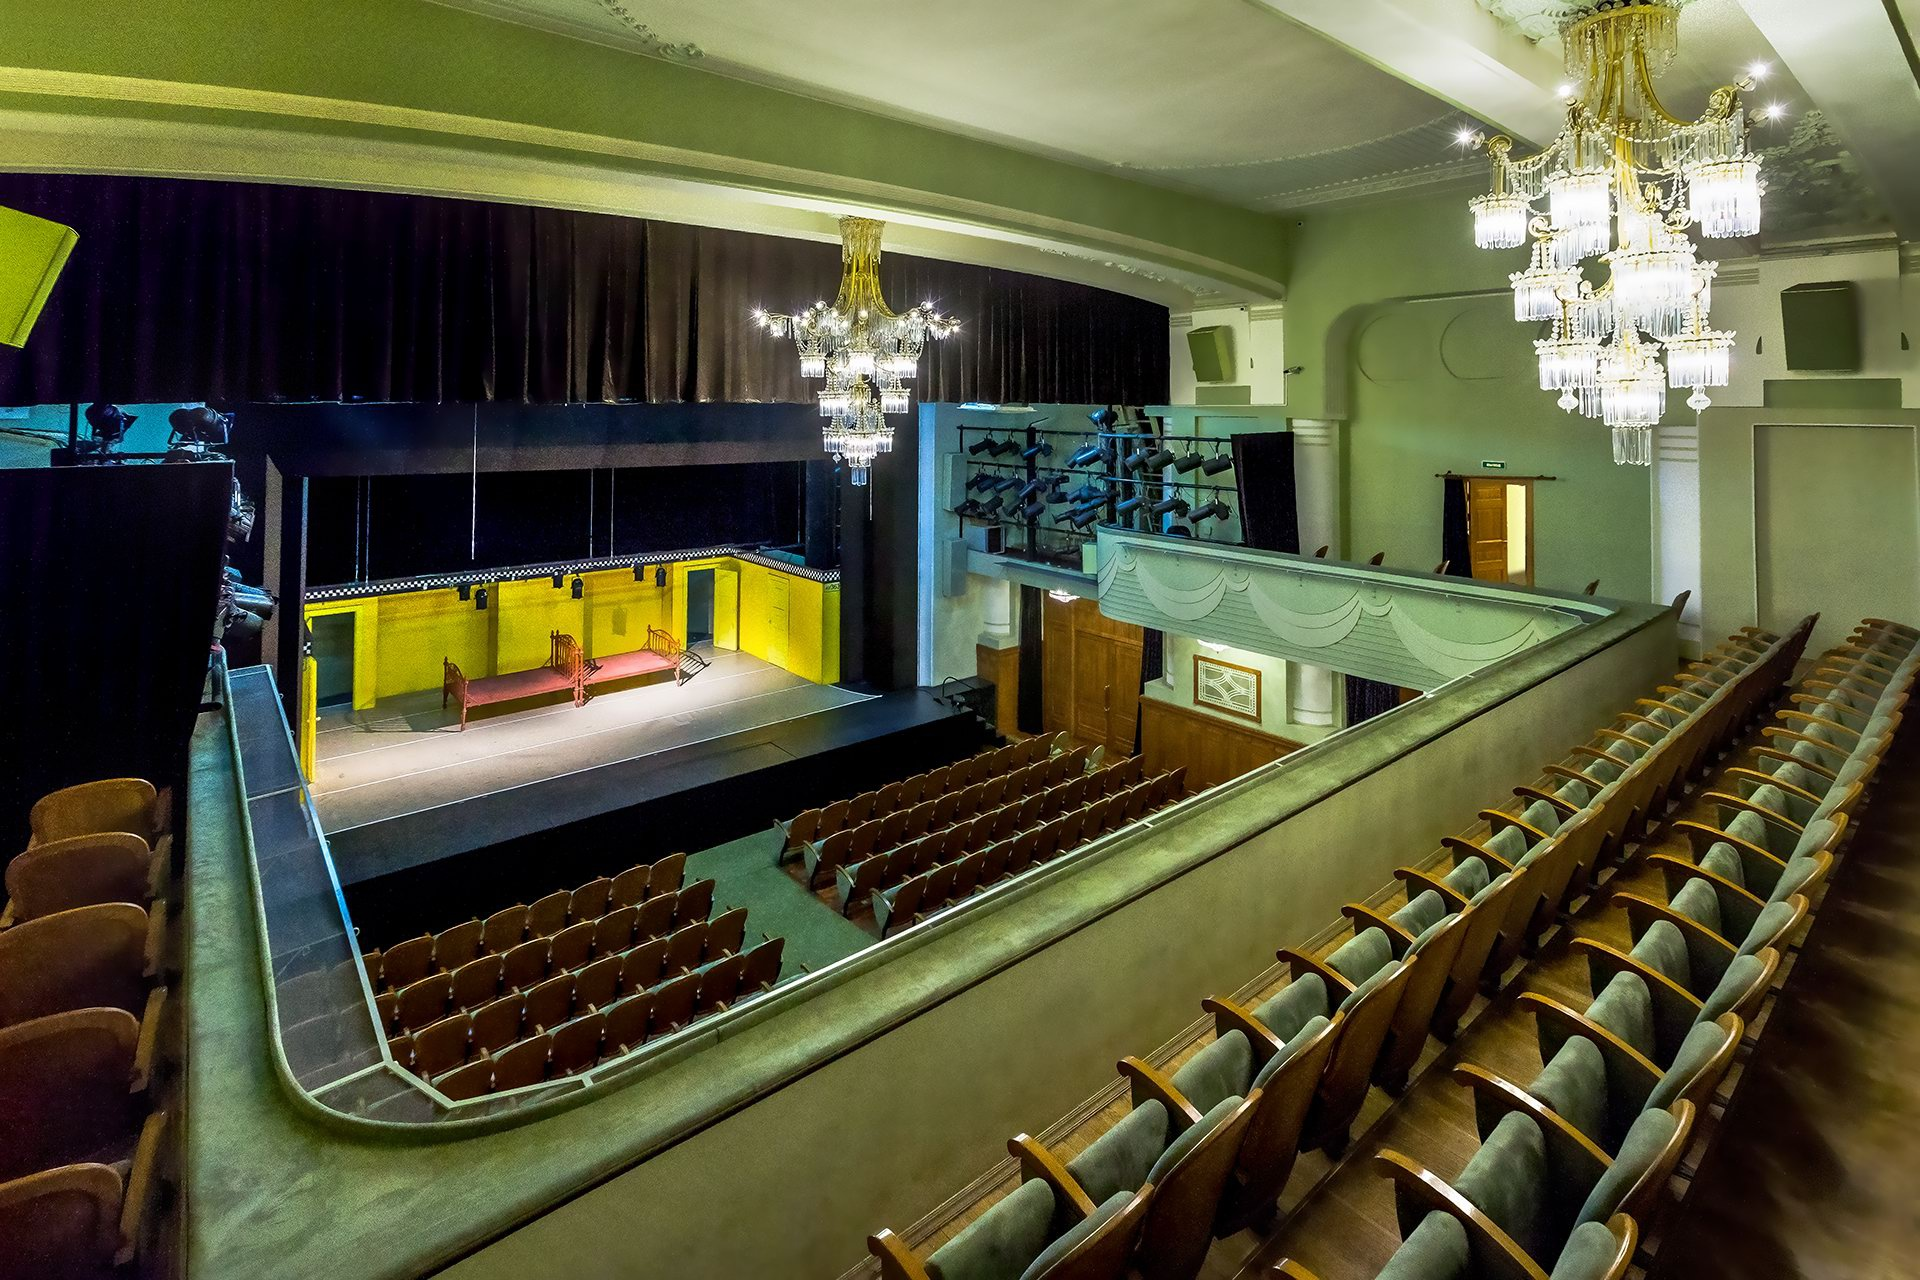 Театр имени акимова схема зала